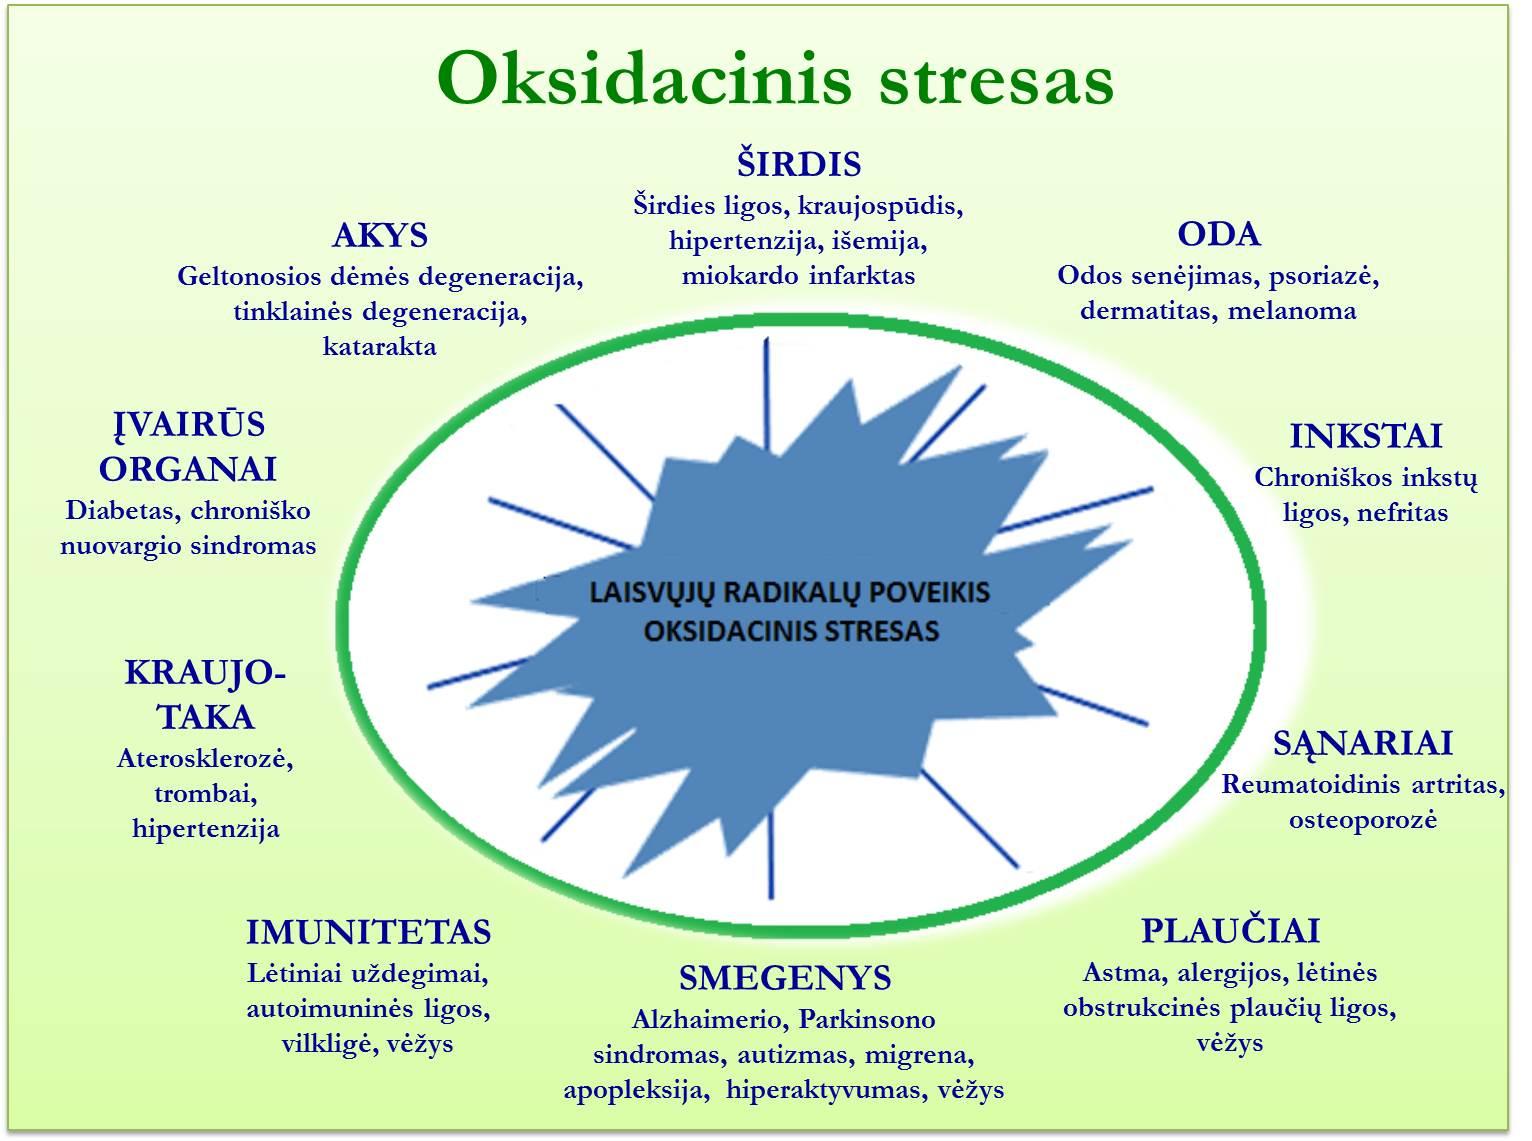 Oksidacinis stresas